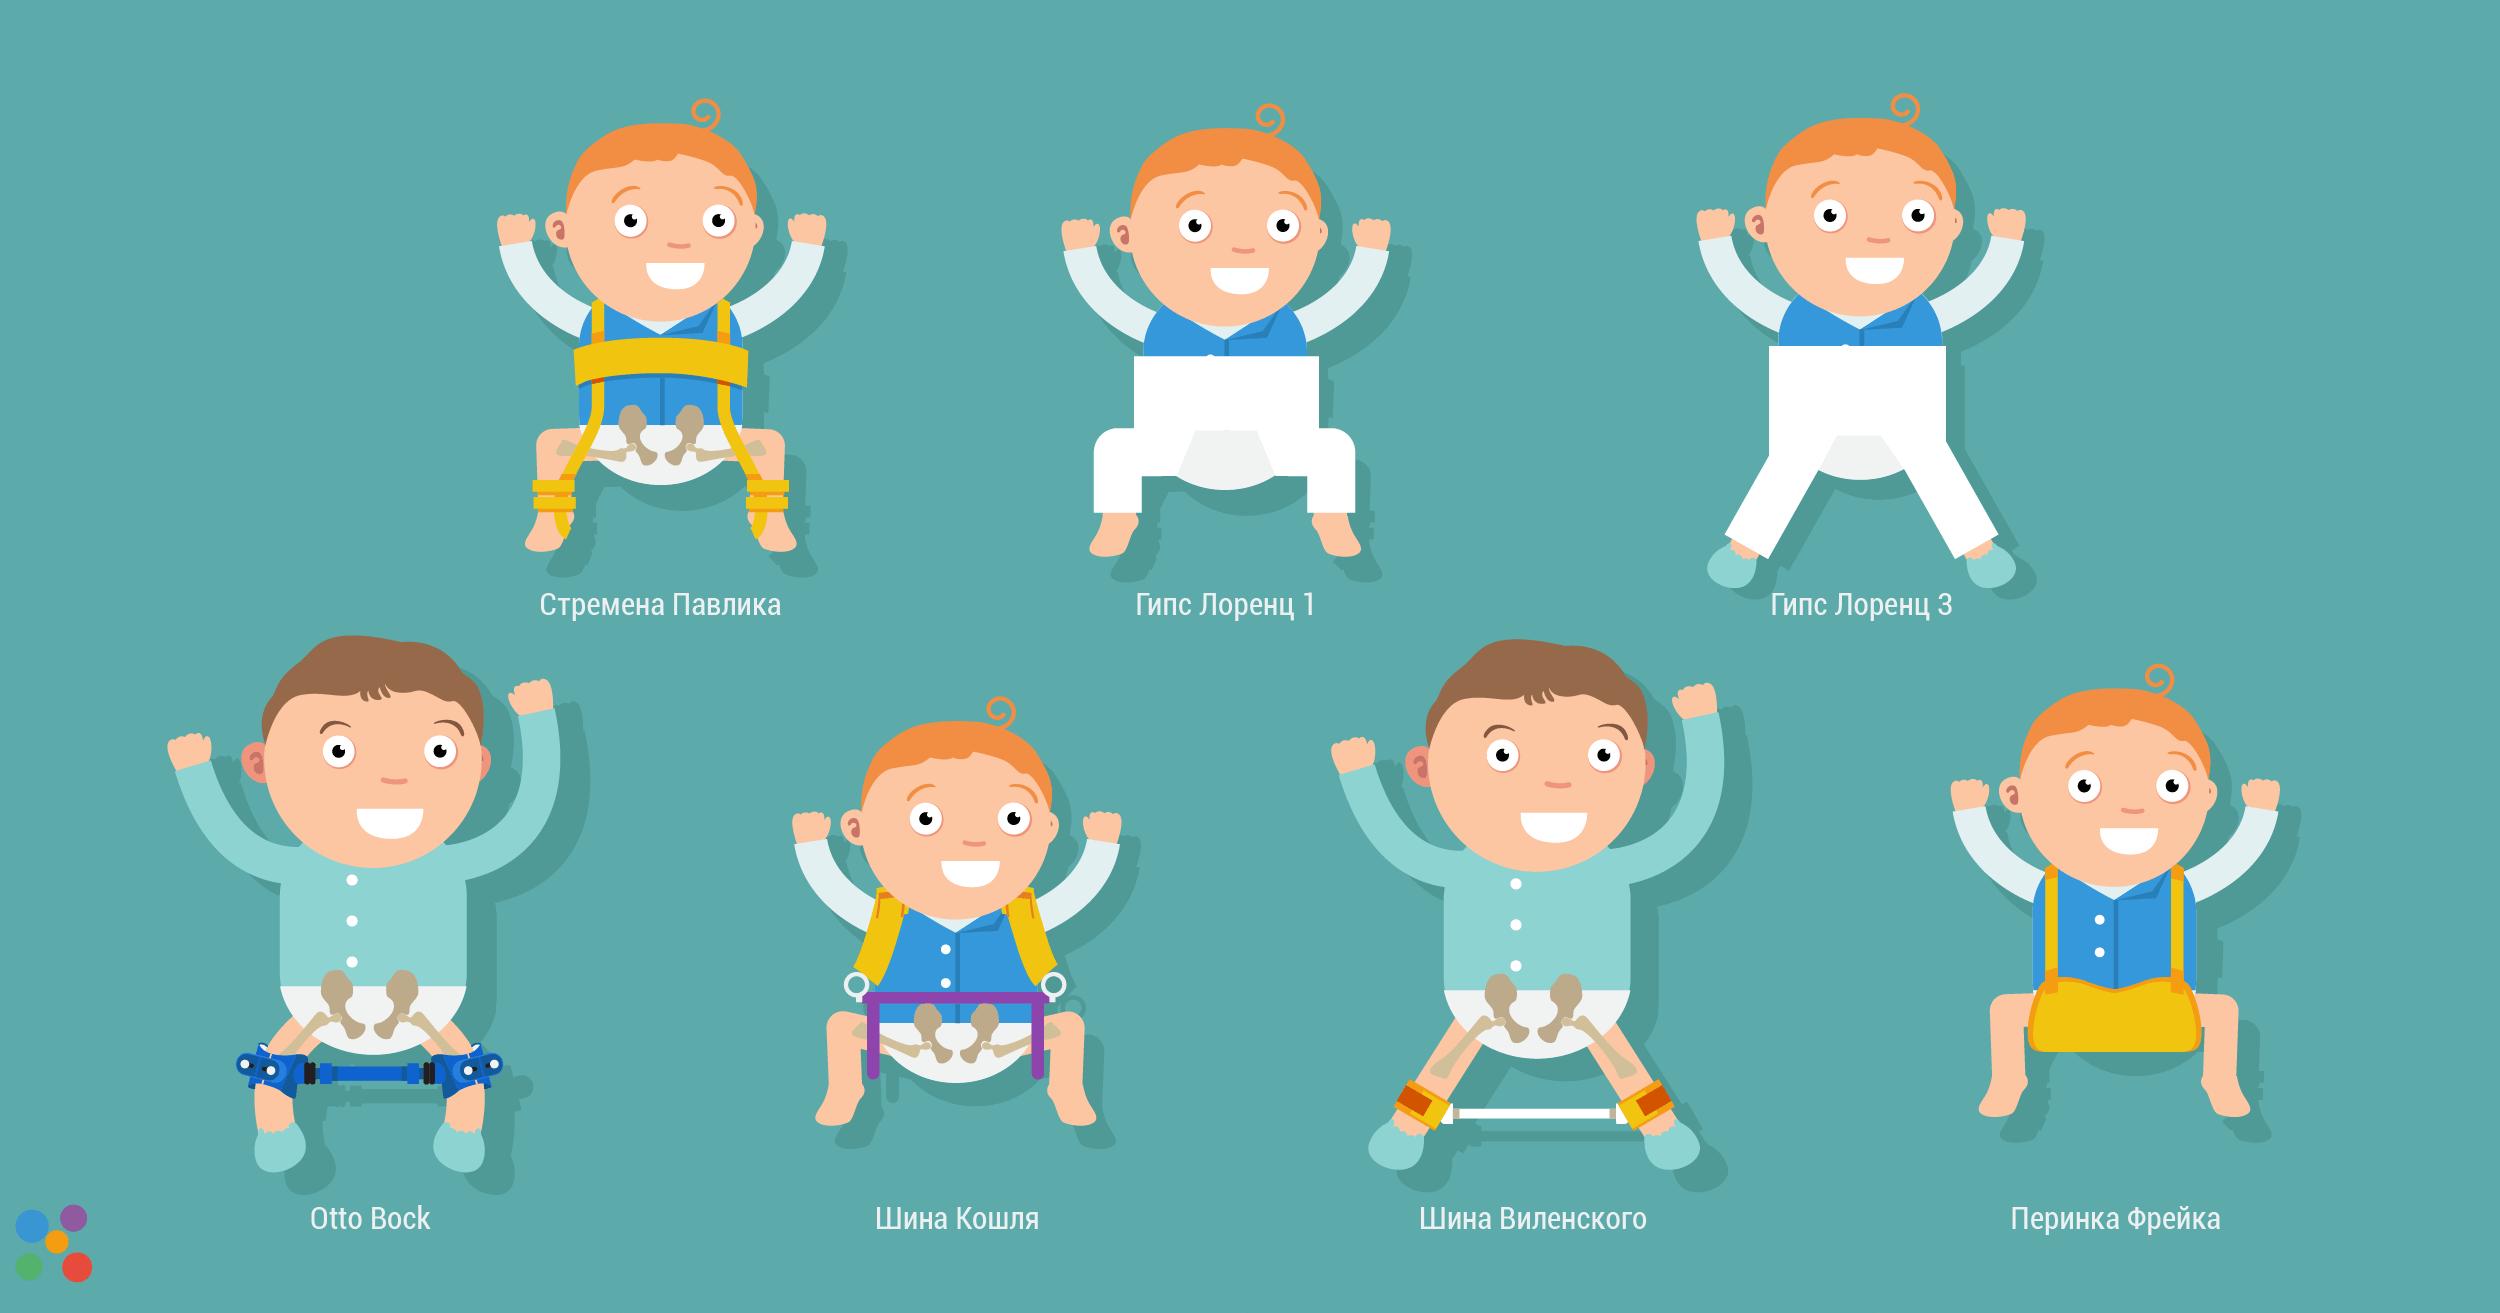 Дисплазия тазобедренных суставов у ребенка 3 месяца лечение